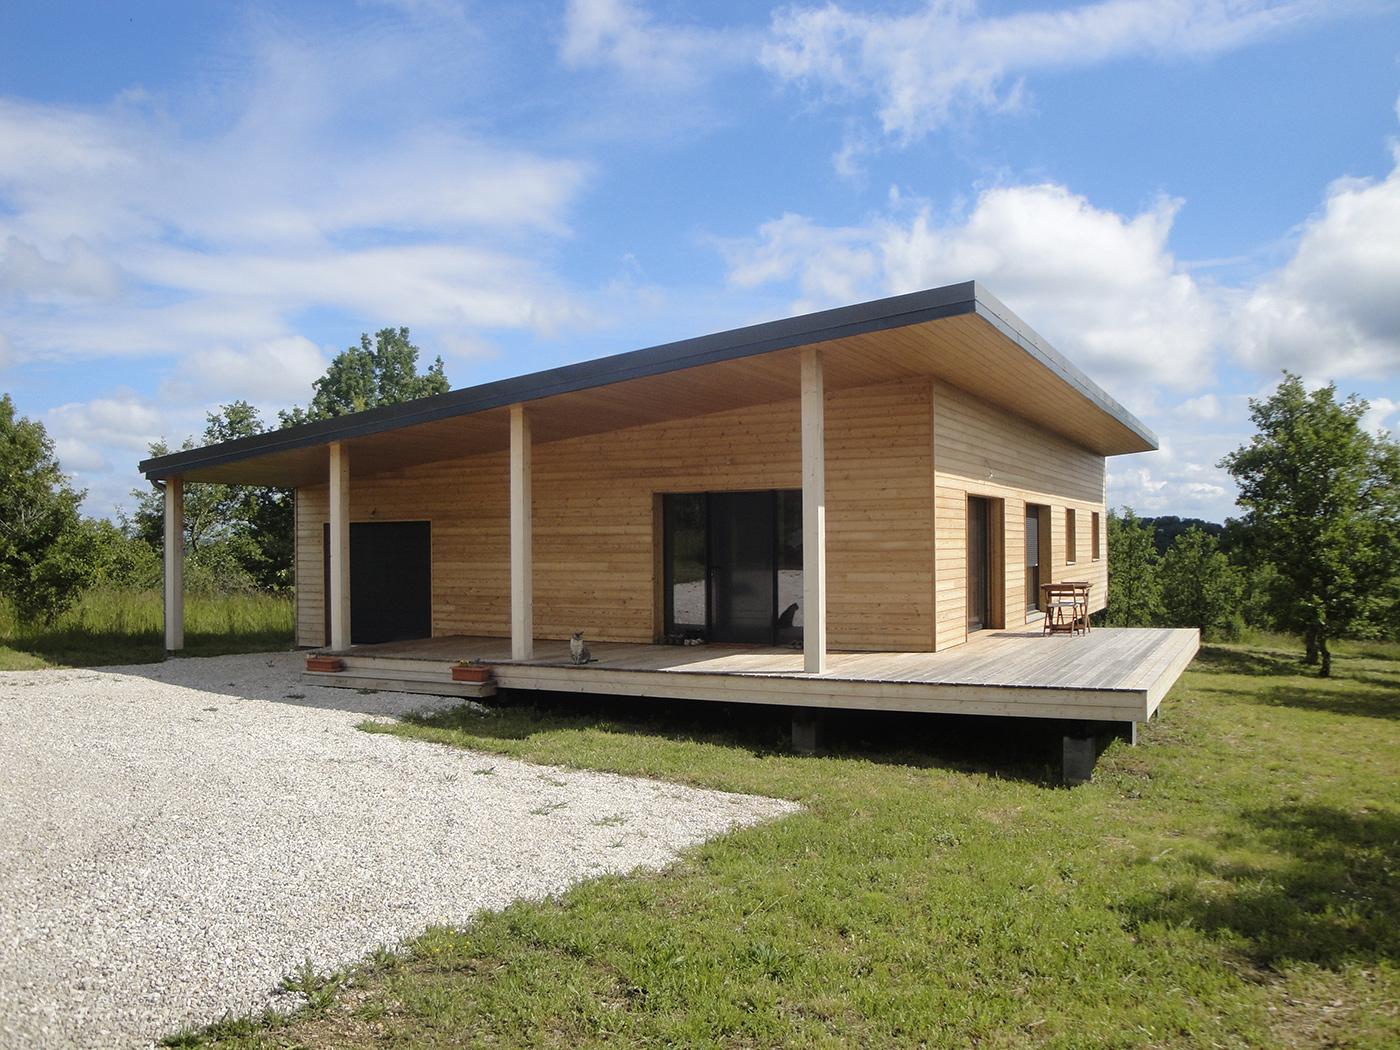 Constructeur maison bois en kit 44 for Constructeur de maison en kit